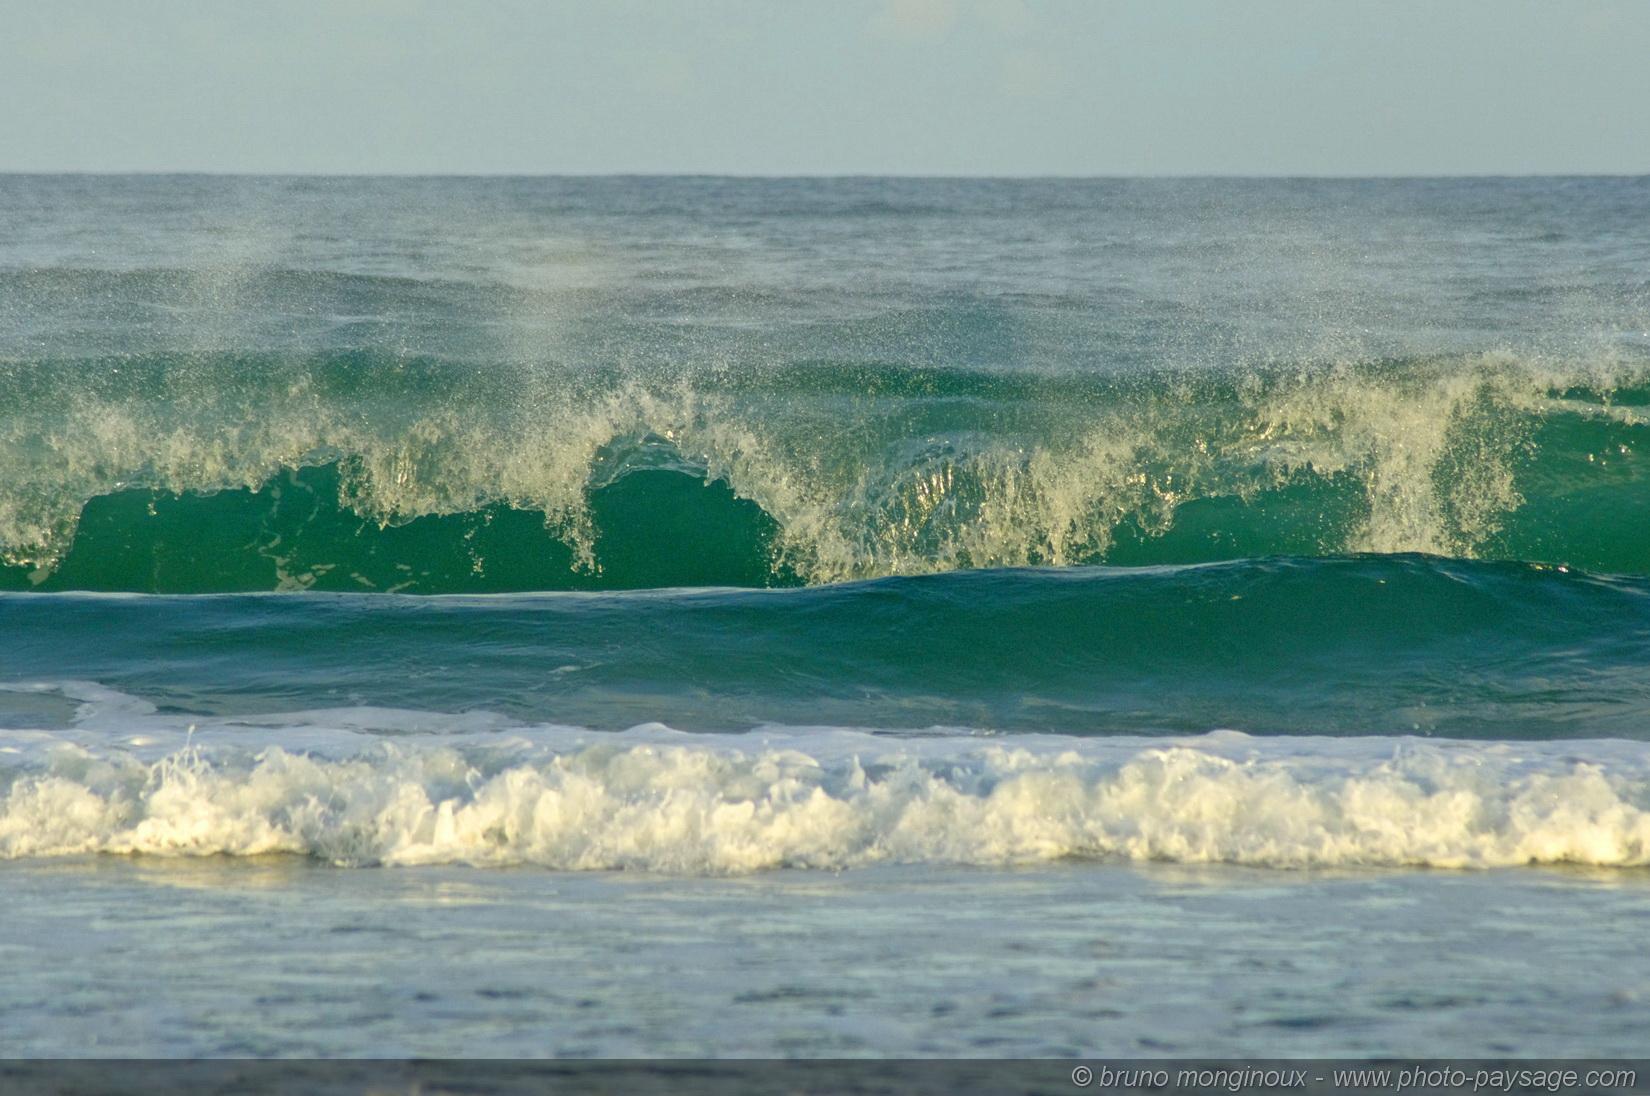 Mer le blog de photo for Photo ecran mer